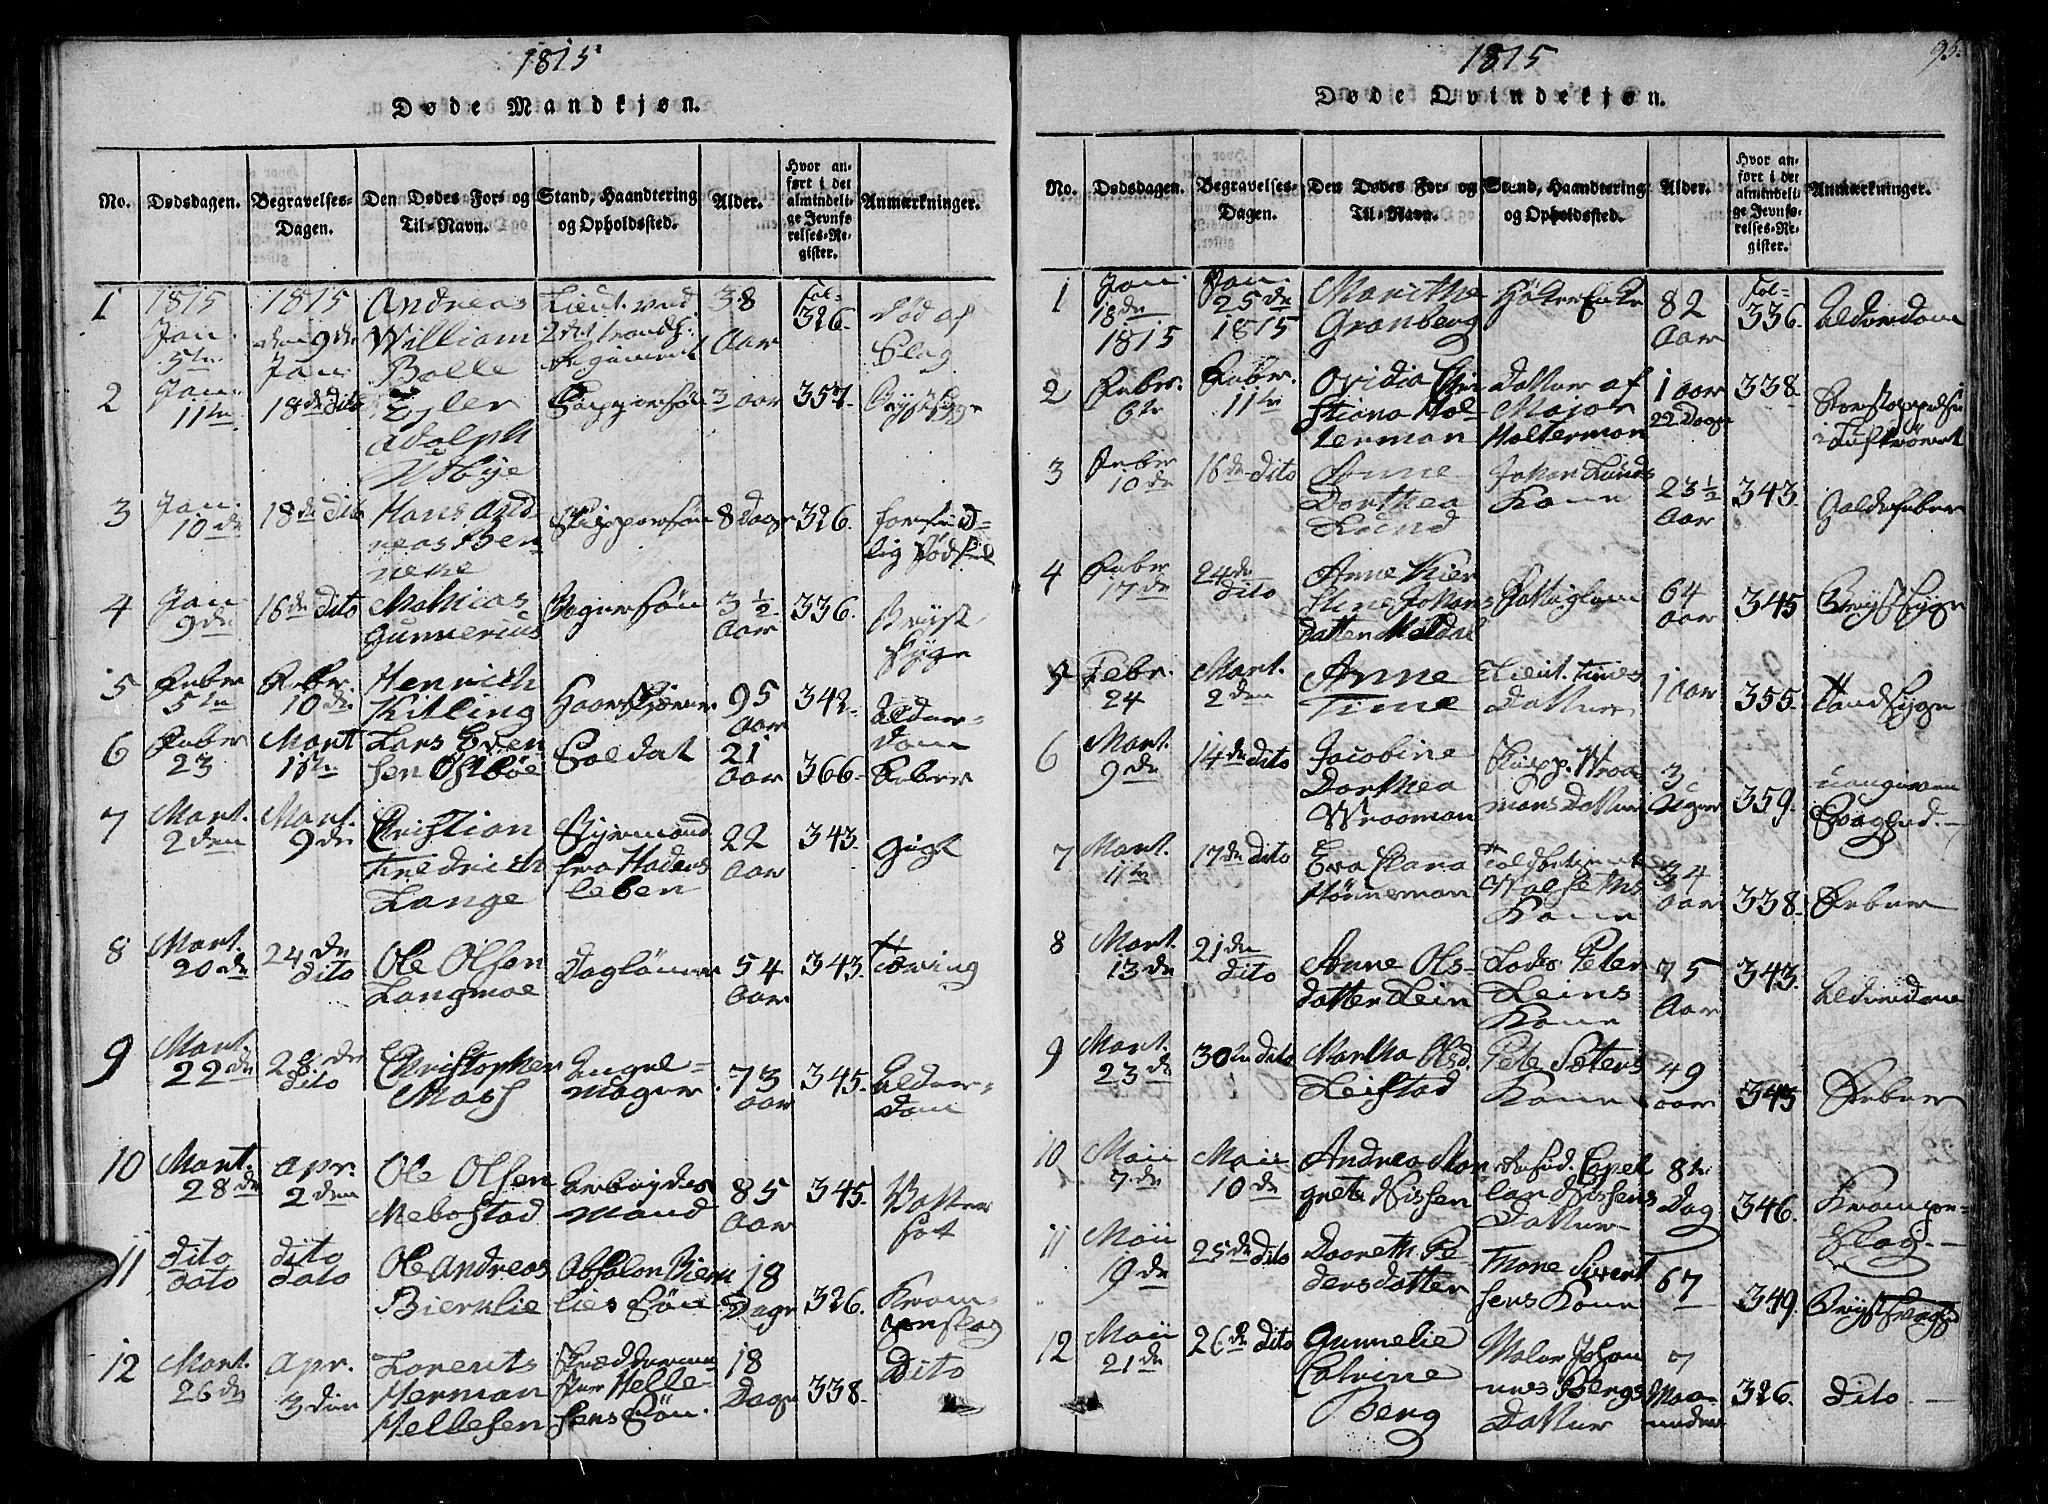 SAT, Ministerialprotokoller, klokkerbøker og fødselsregistre - Sør-Trøndelag, 602/L0107: Ministerialbok nr. 602A05, 1815-1821, s. 95